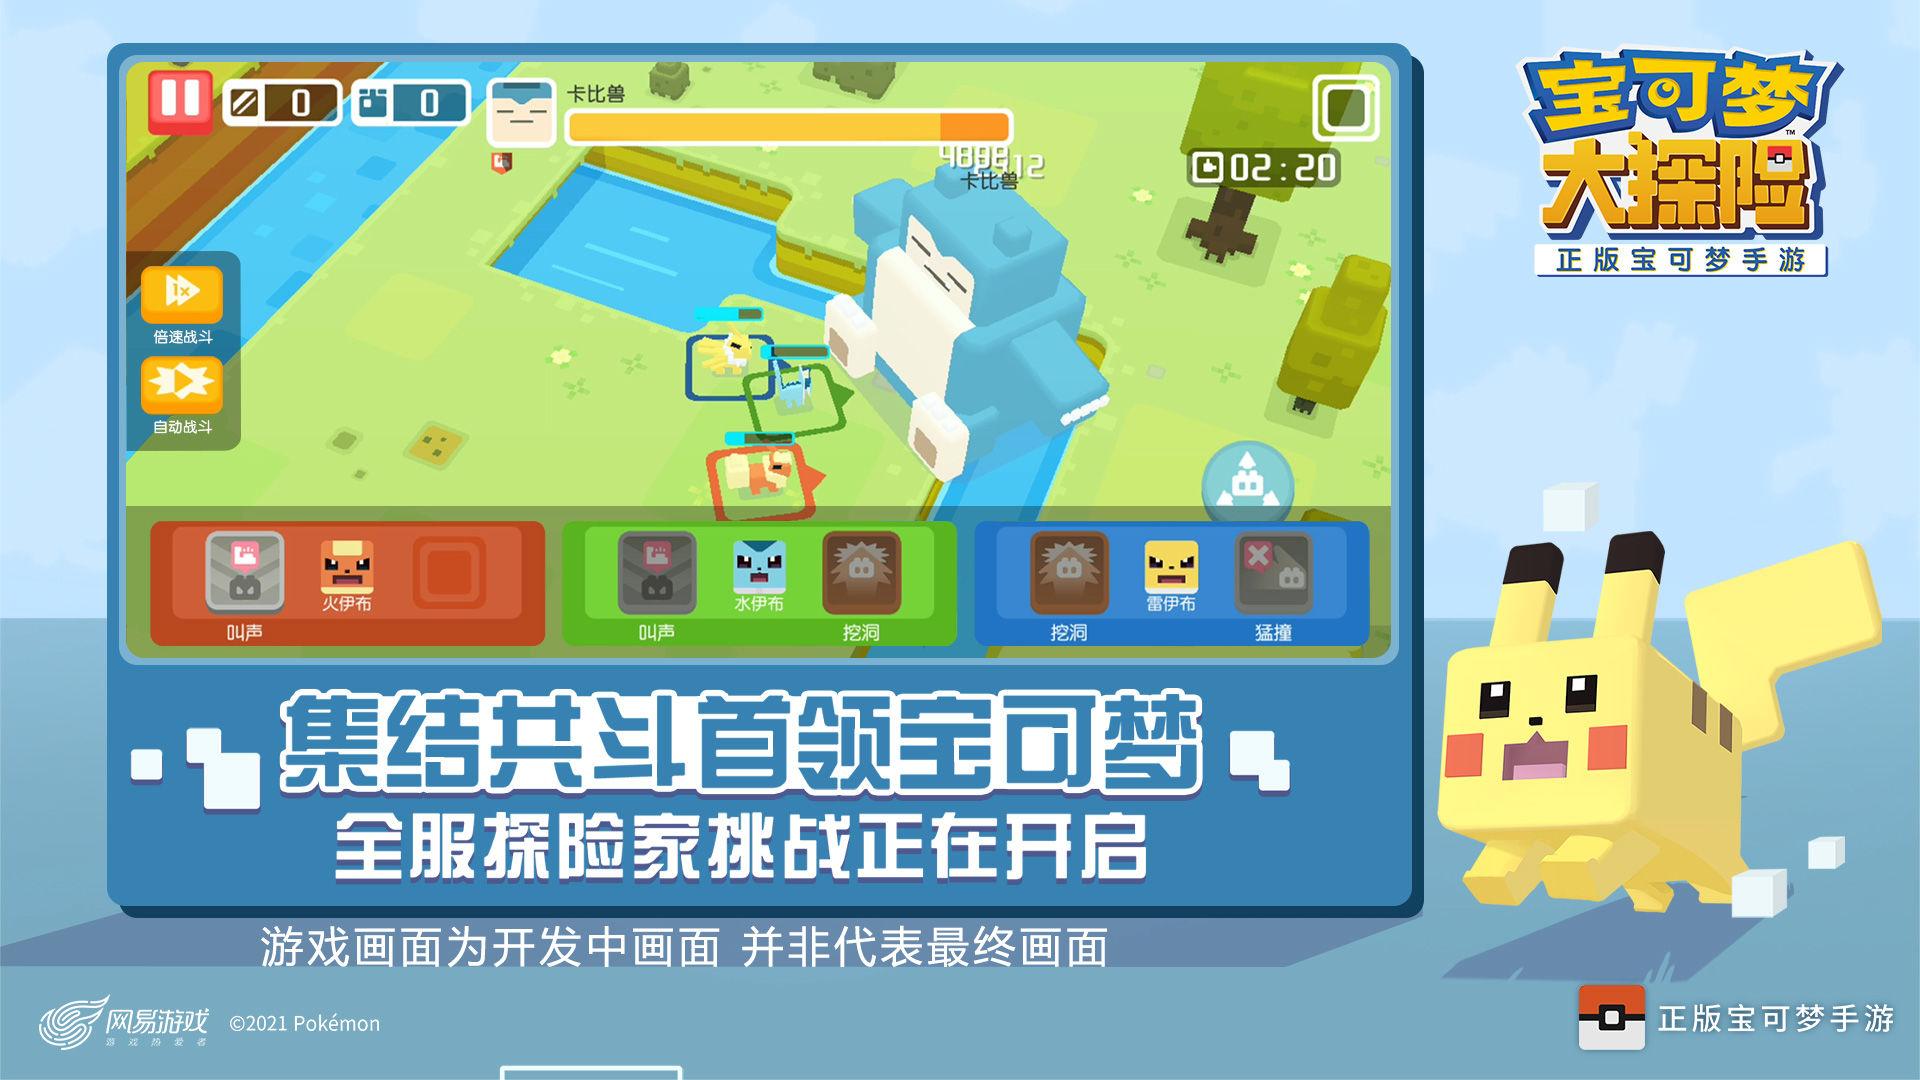 宝可梦大探险游戏截图3